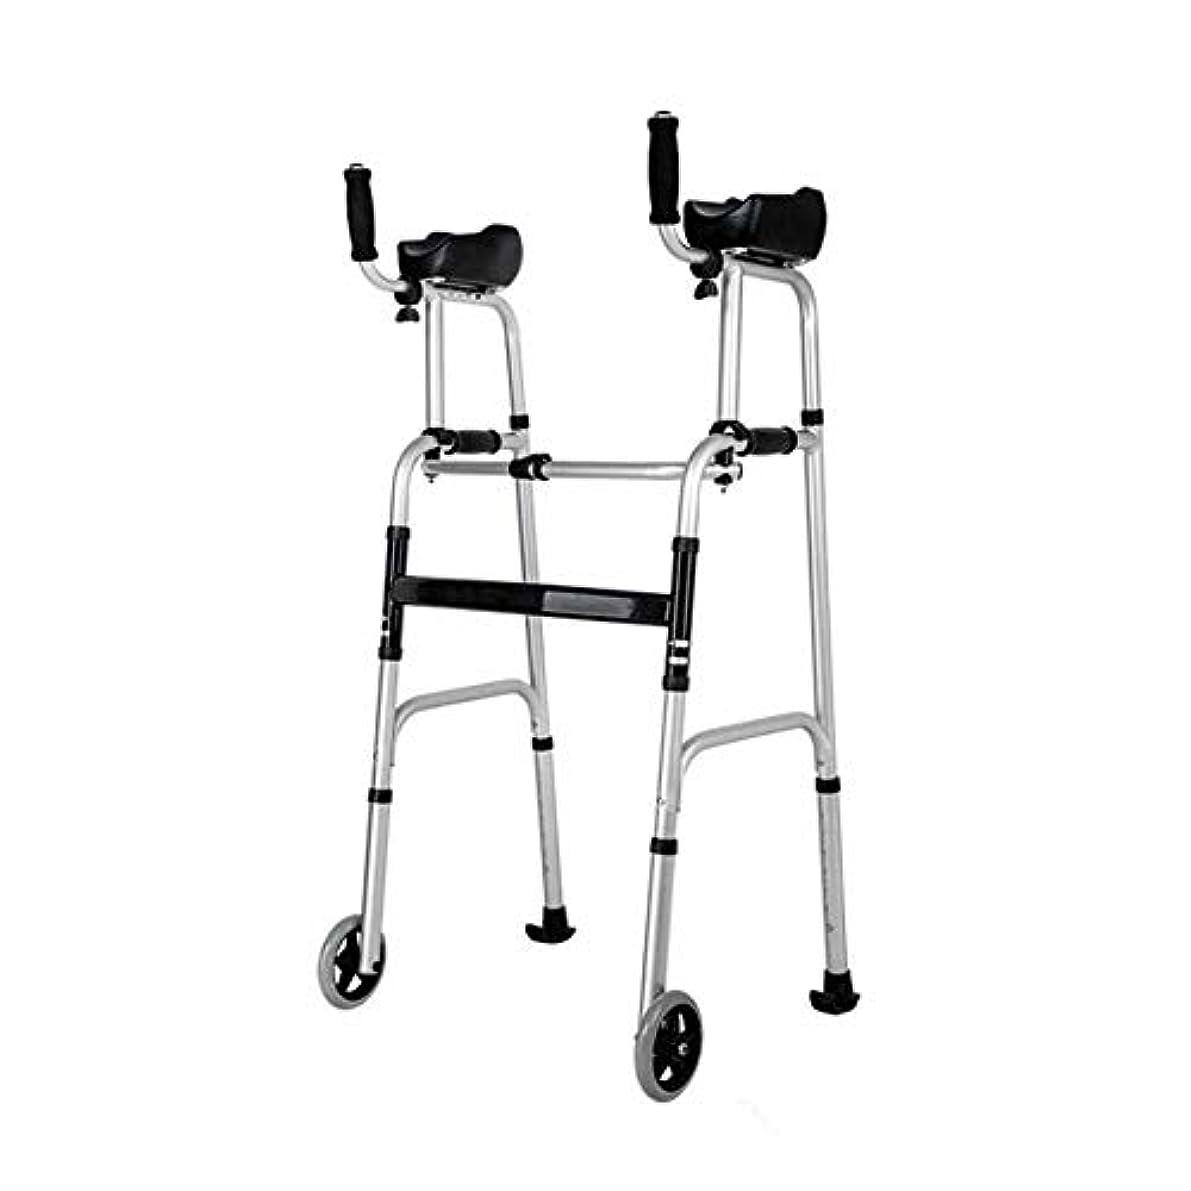 老人教会指車輪が付いている折る歩行者、不具の高齢者のための2輪歩行者の高さの調節可能なスリップ防止椅子の腰掛け (Color : 黒)